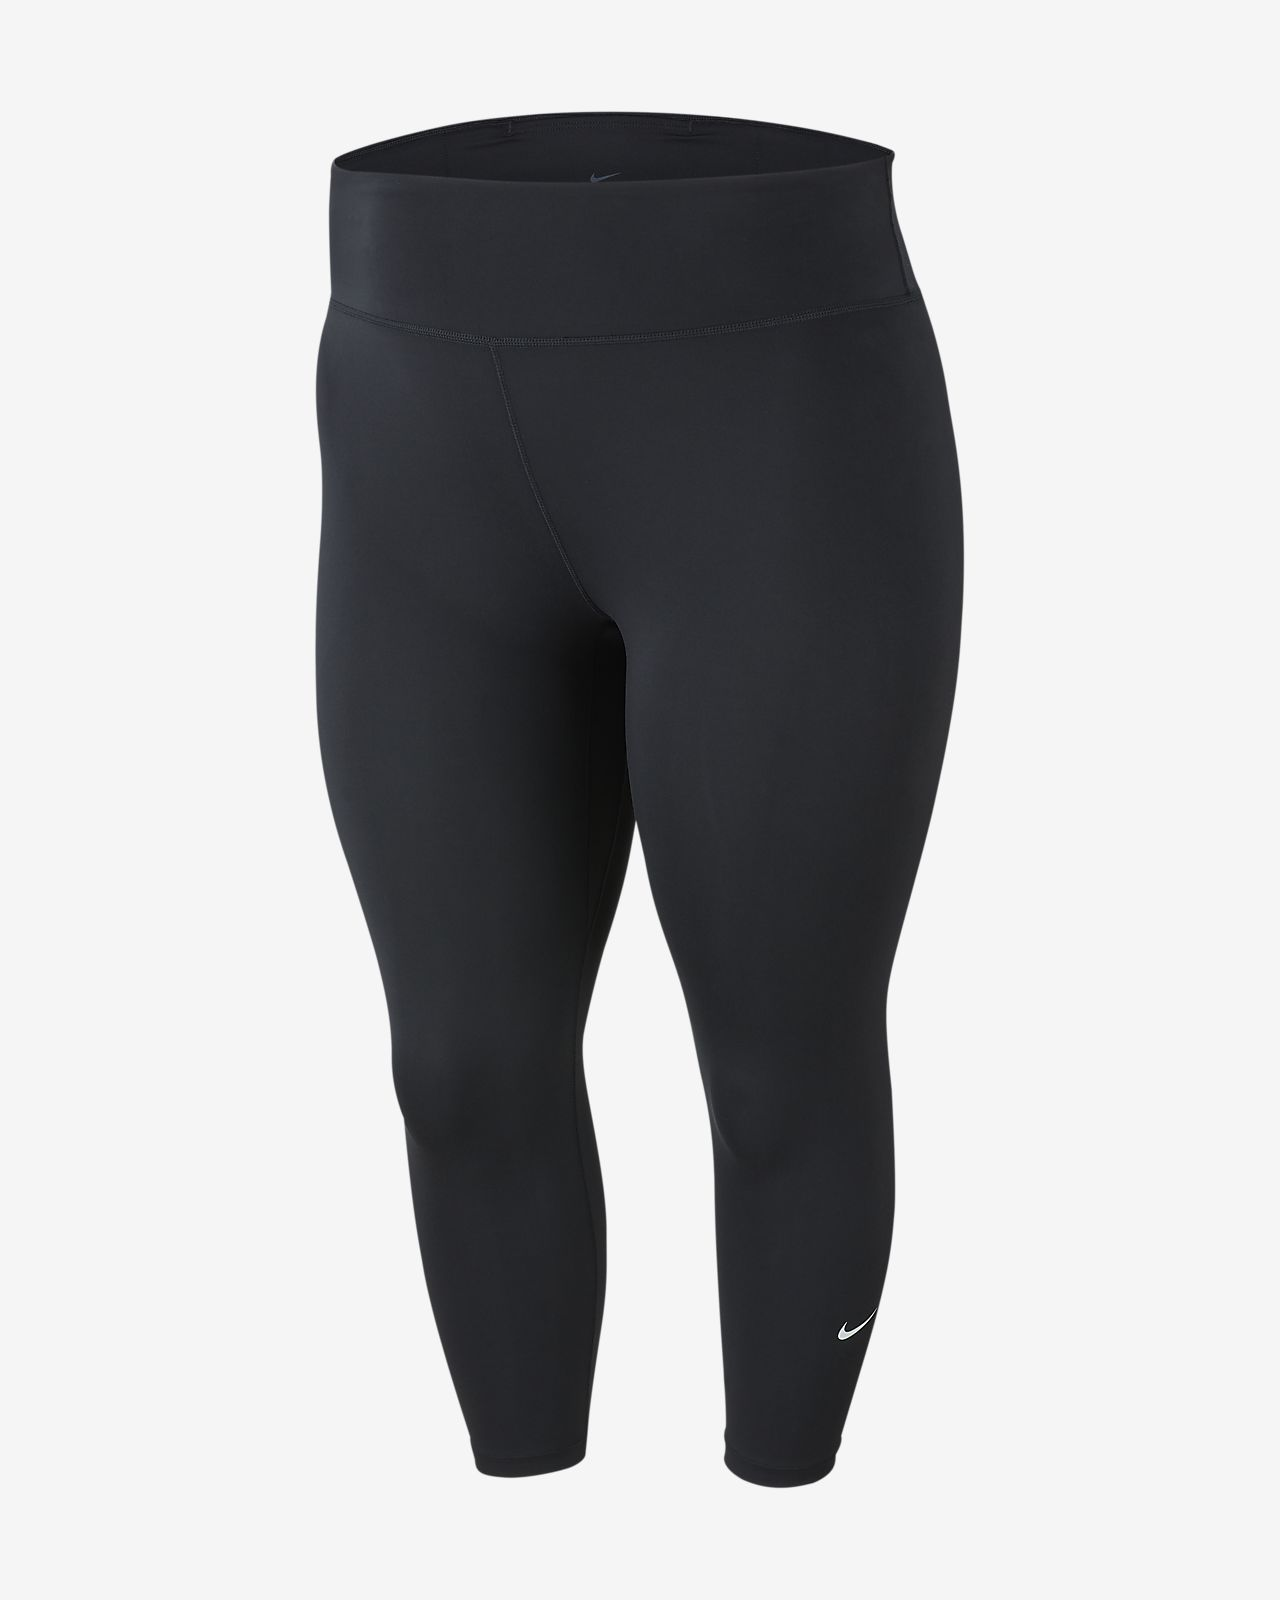 Tights Nike One i trekvartslängd för kvinnor (större storlekar)